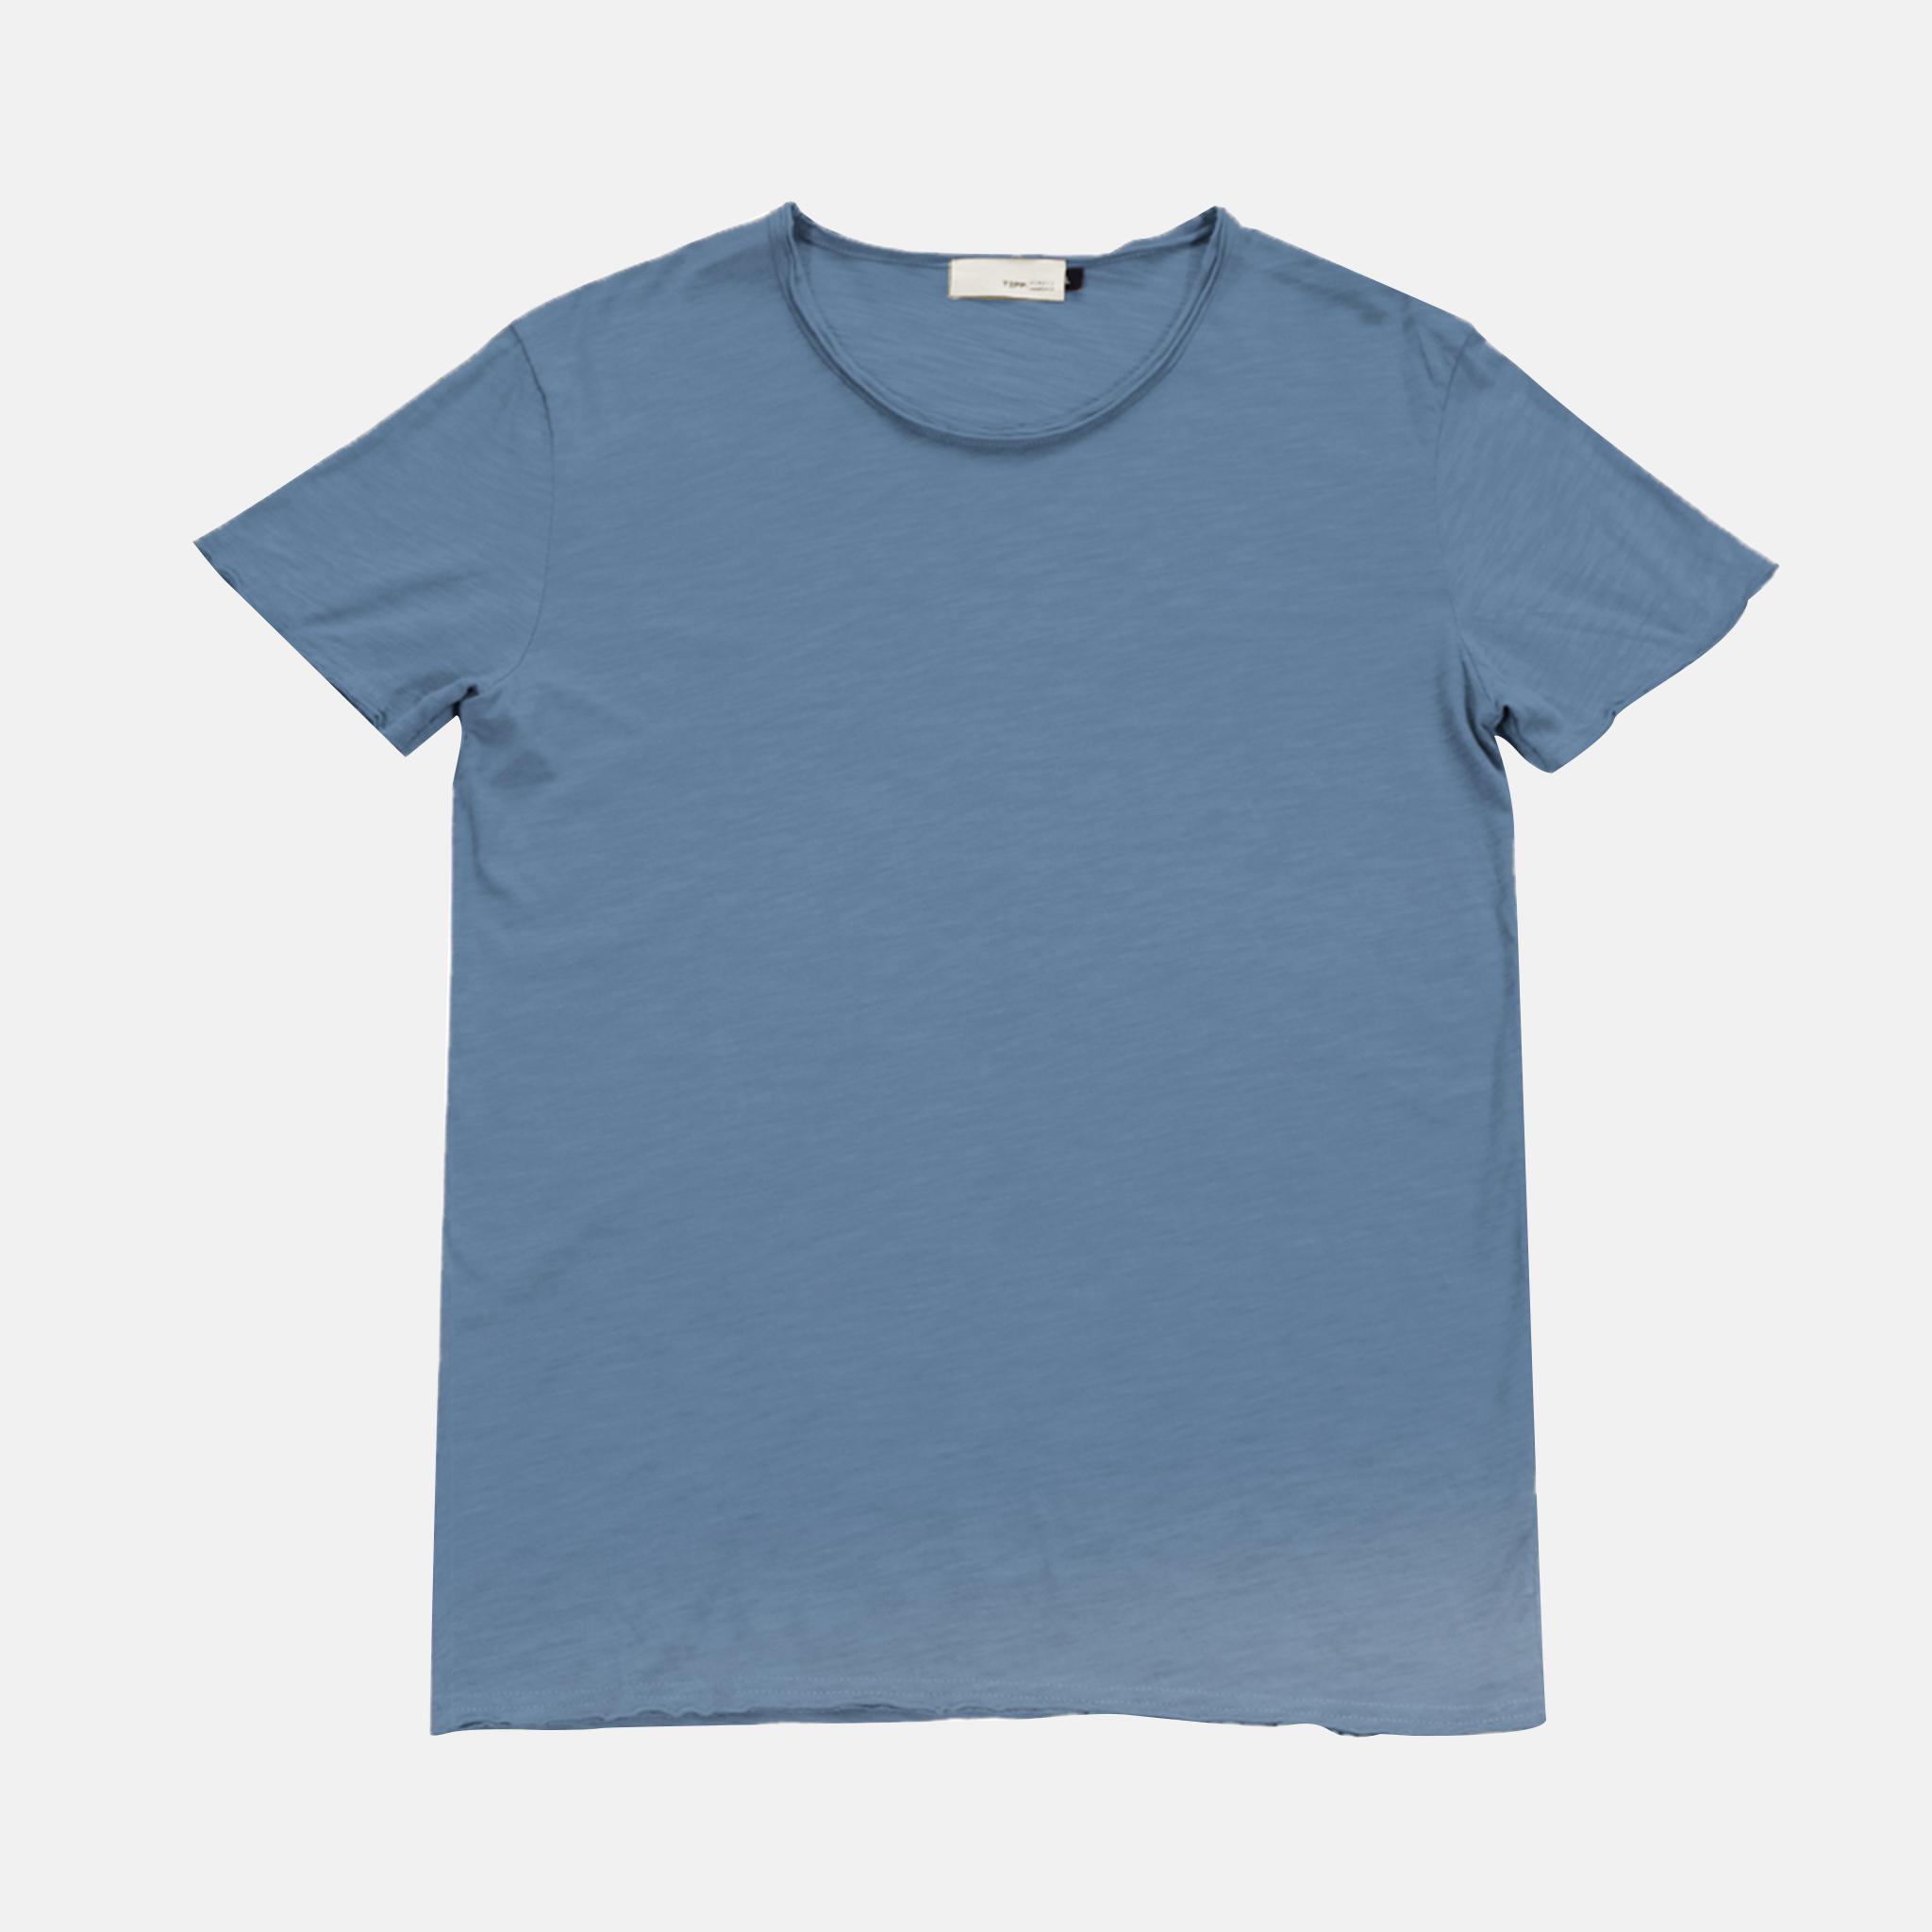 เสื้อยืดคอกลม Artist Tee สีน้ำเงินอ่อน